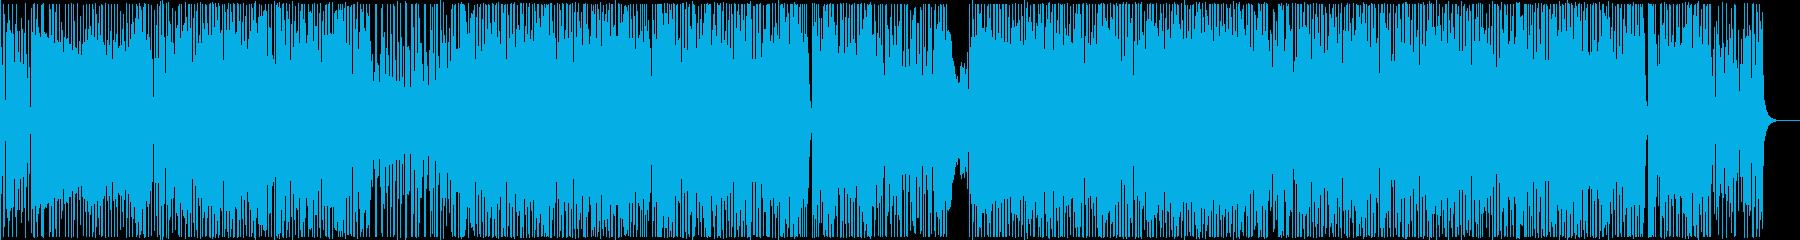 怪盗をイメージした怪しいジャズの再生済みの波形